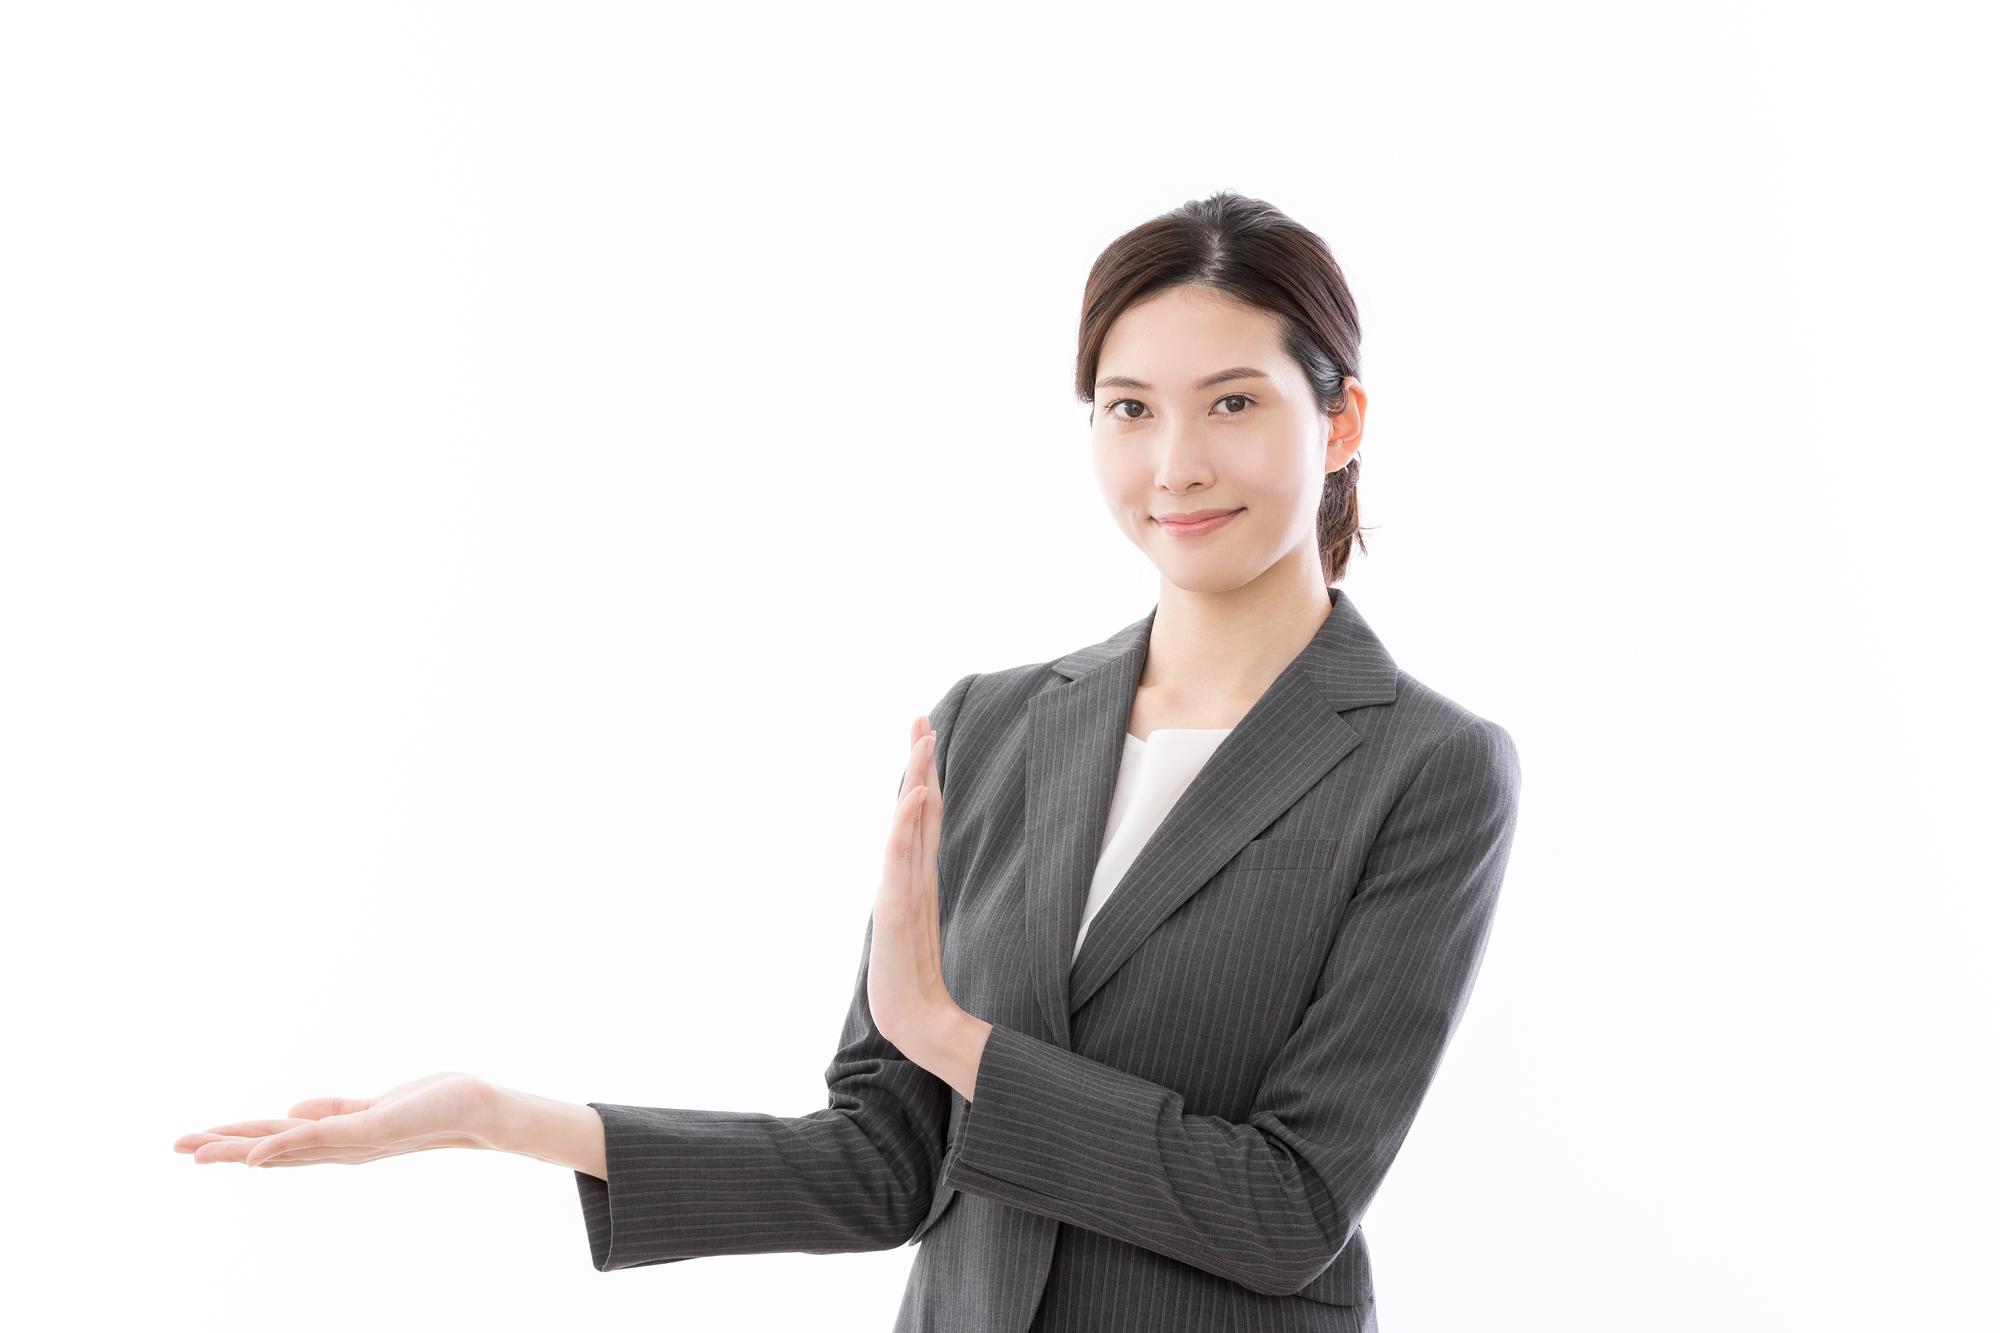 模様替えでCLASを利用するメリットを紹介する女性